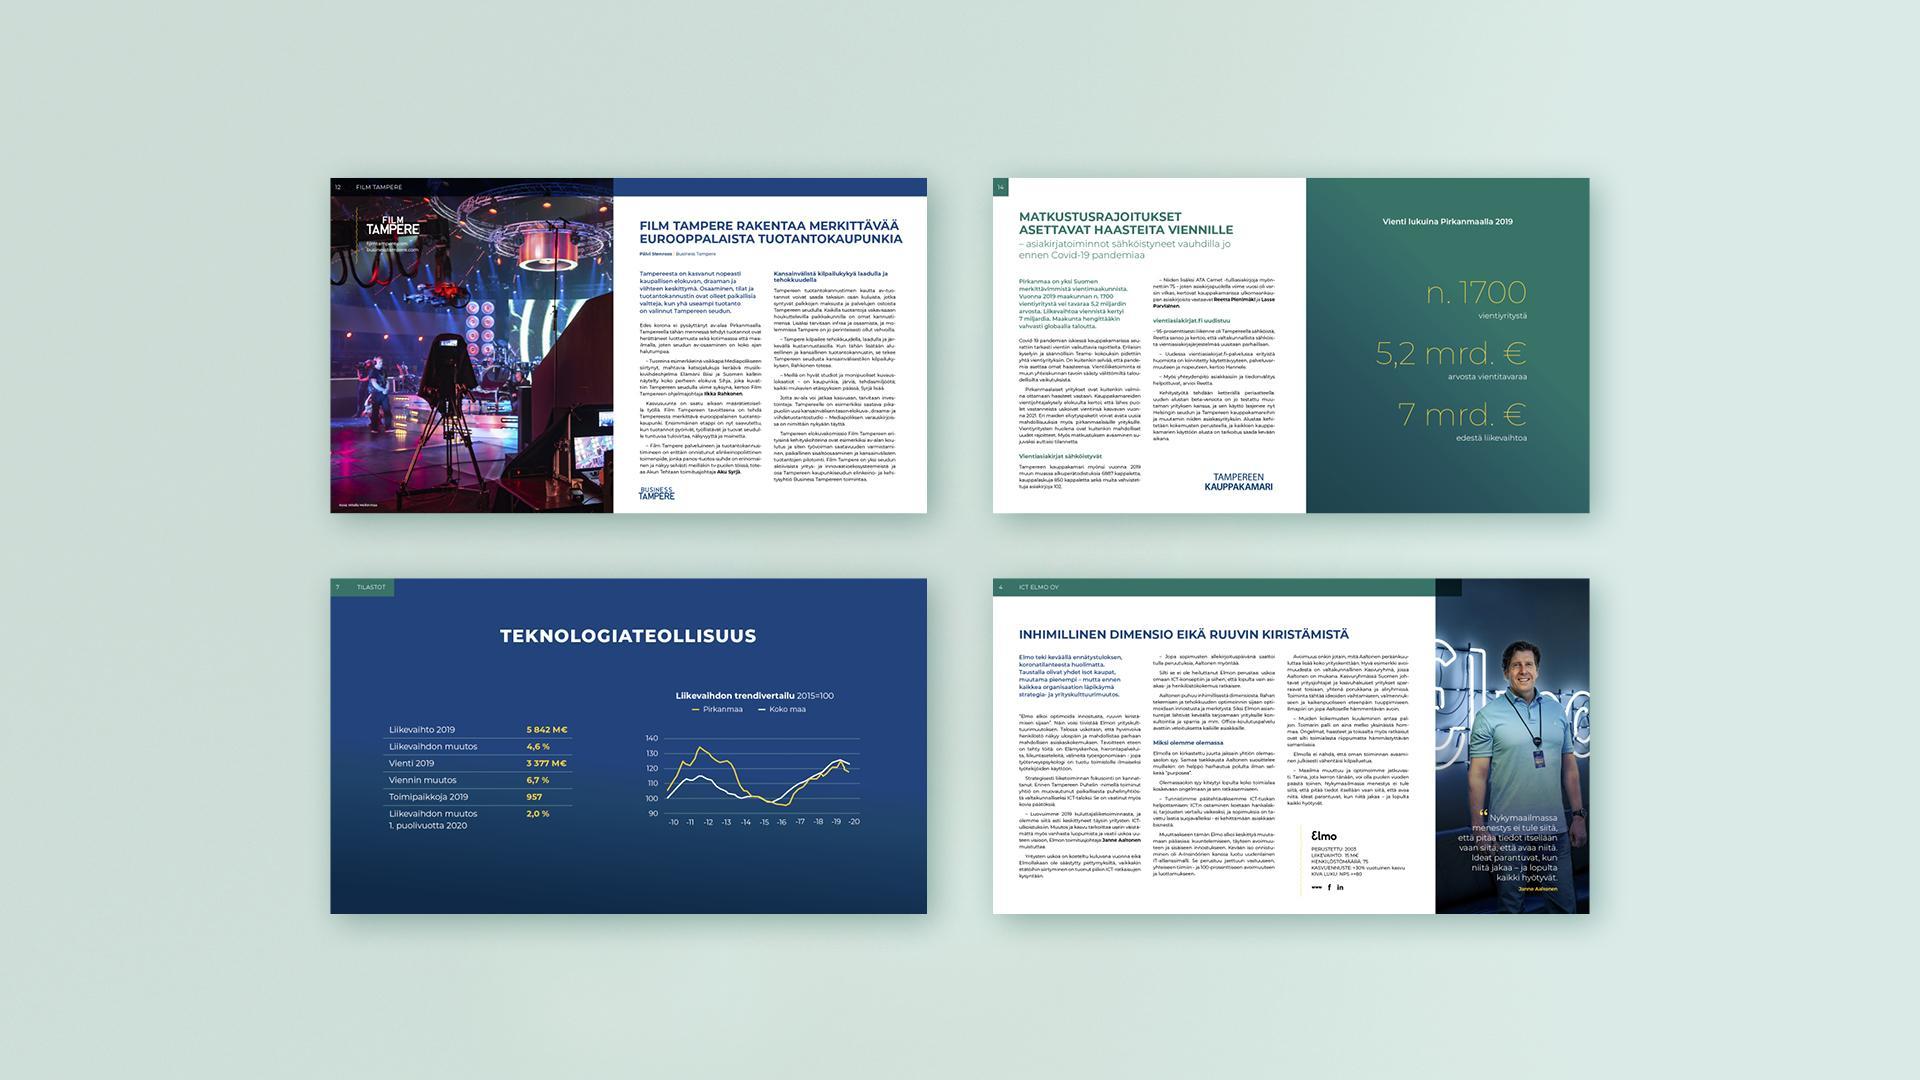 Creative Crue vastasi talouskatsauksen visuaalisesta suunnittelusta, yrityshaastatteluista, kuvitusmateriaaleista sekä taitosta.